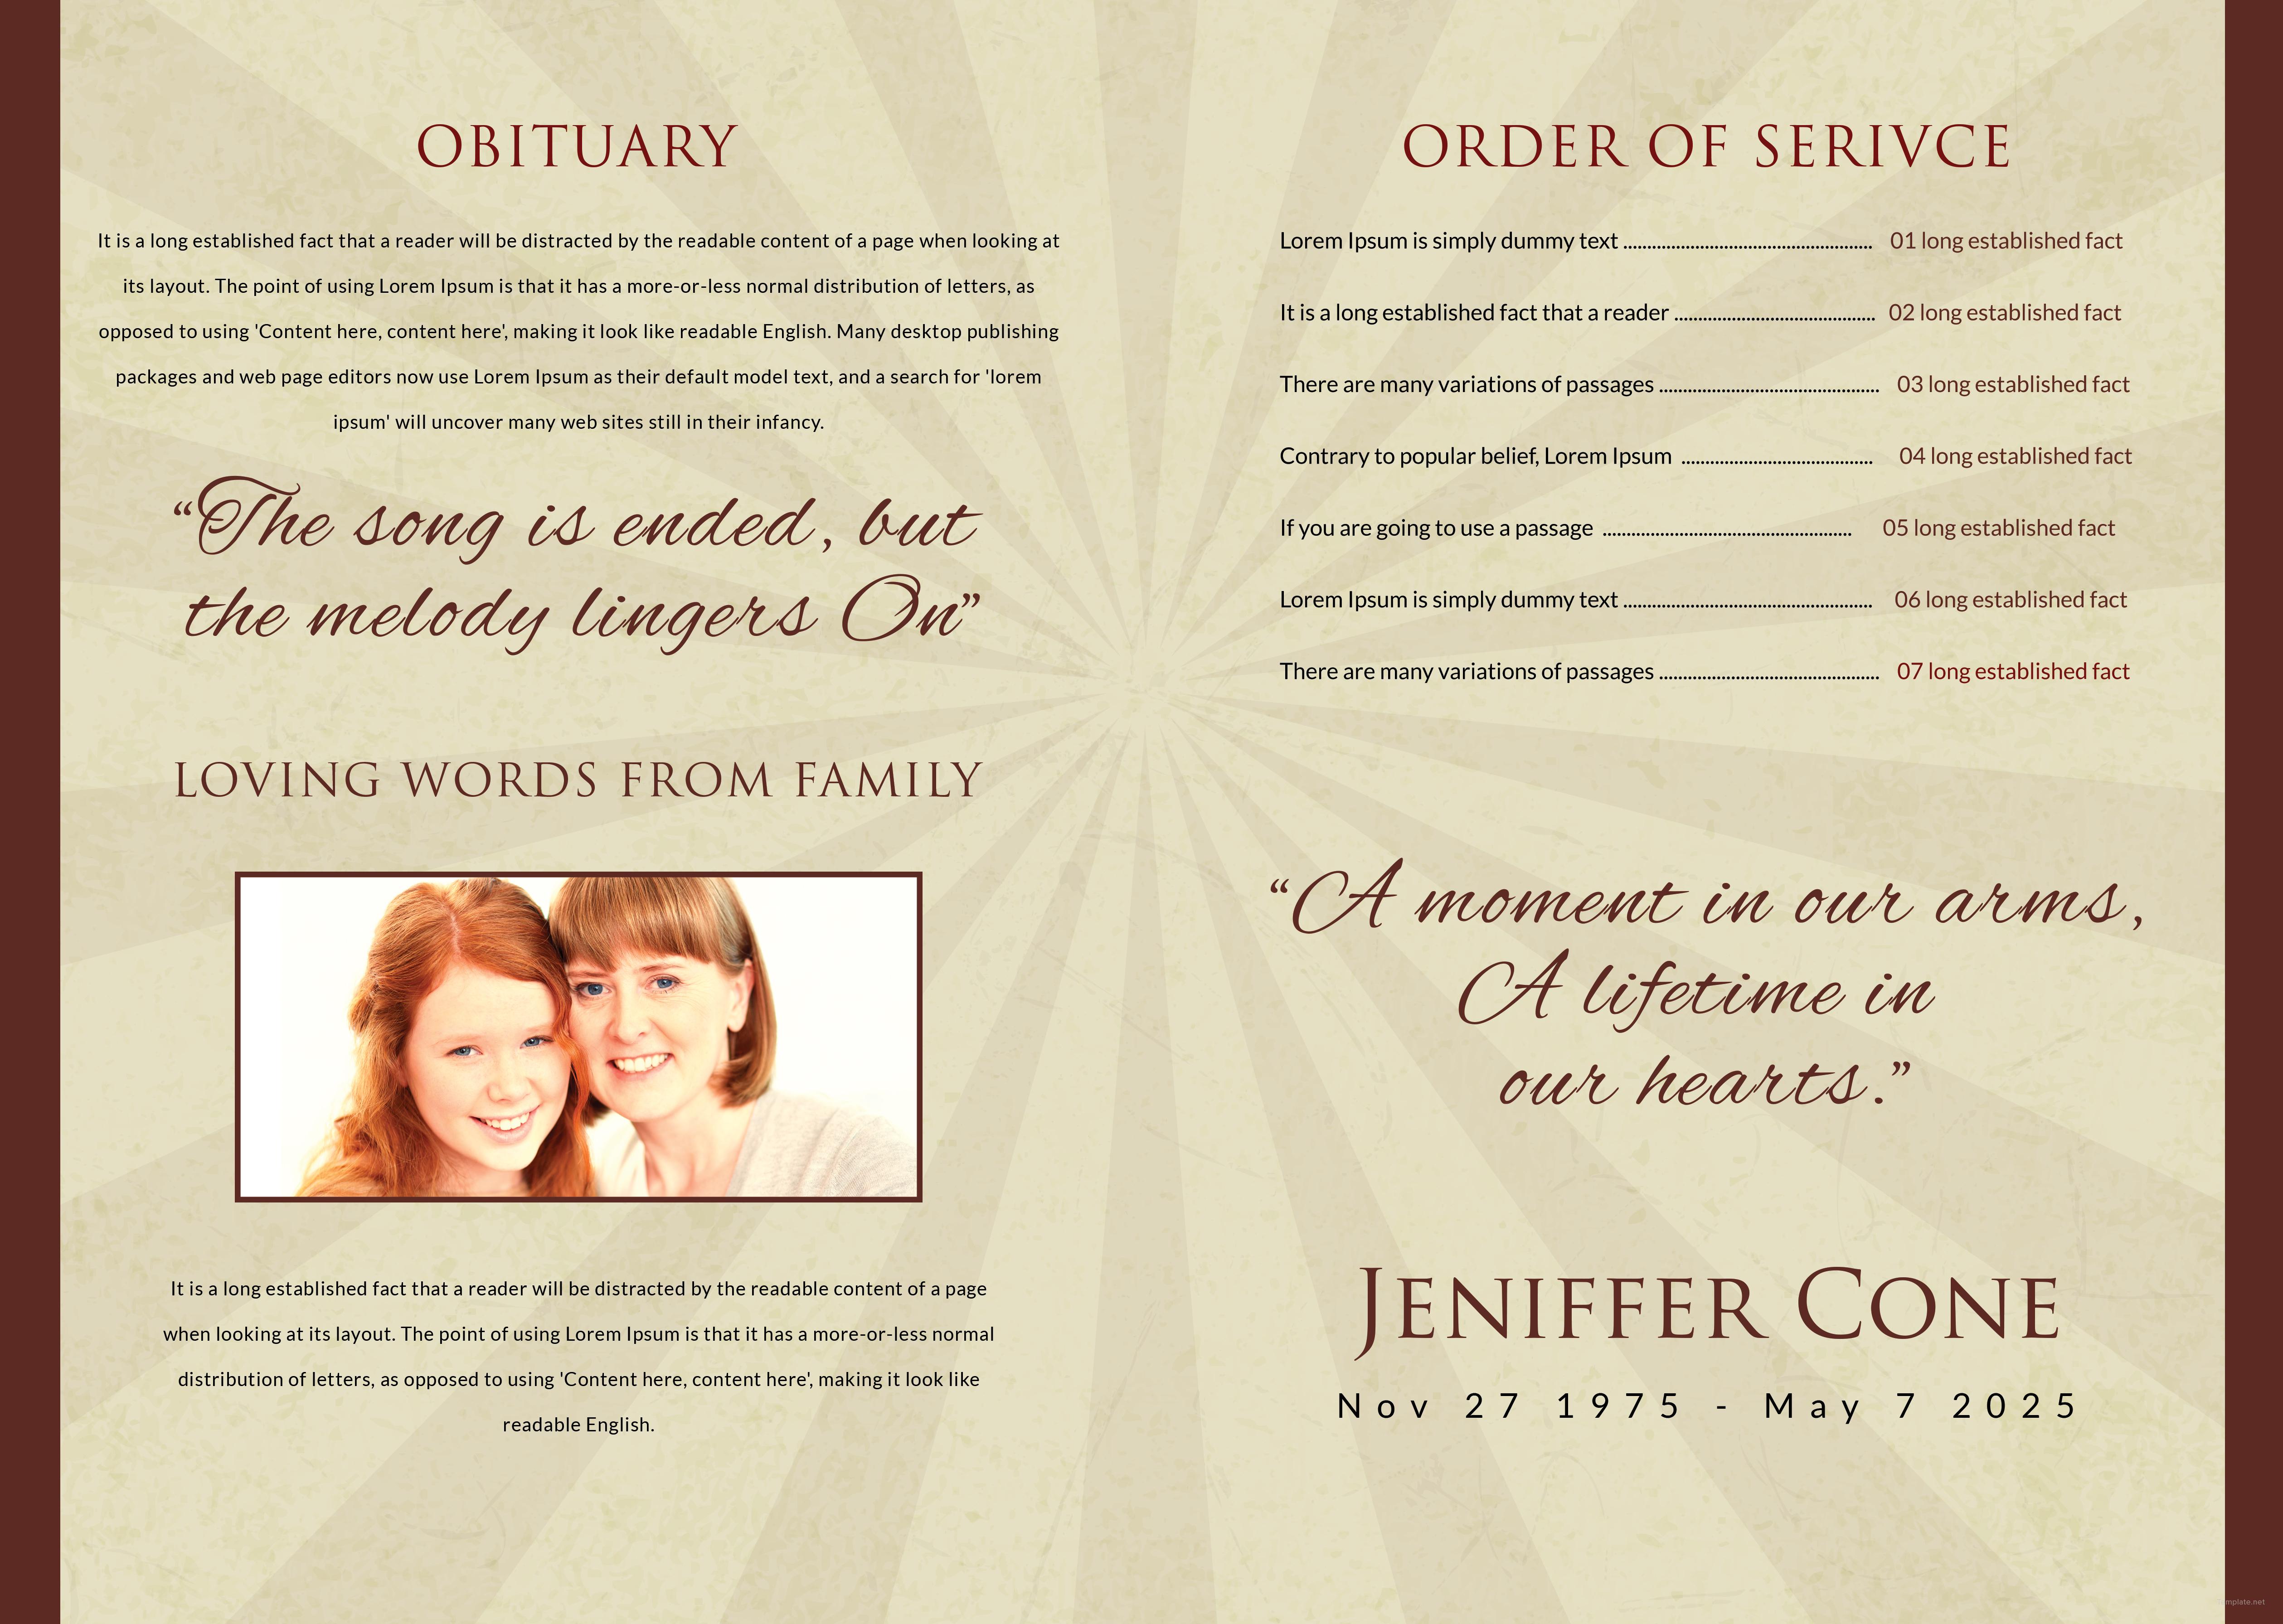 Free Obituary Bi-Fold Brochure Design Template in Adobe Photoshop ...